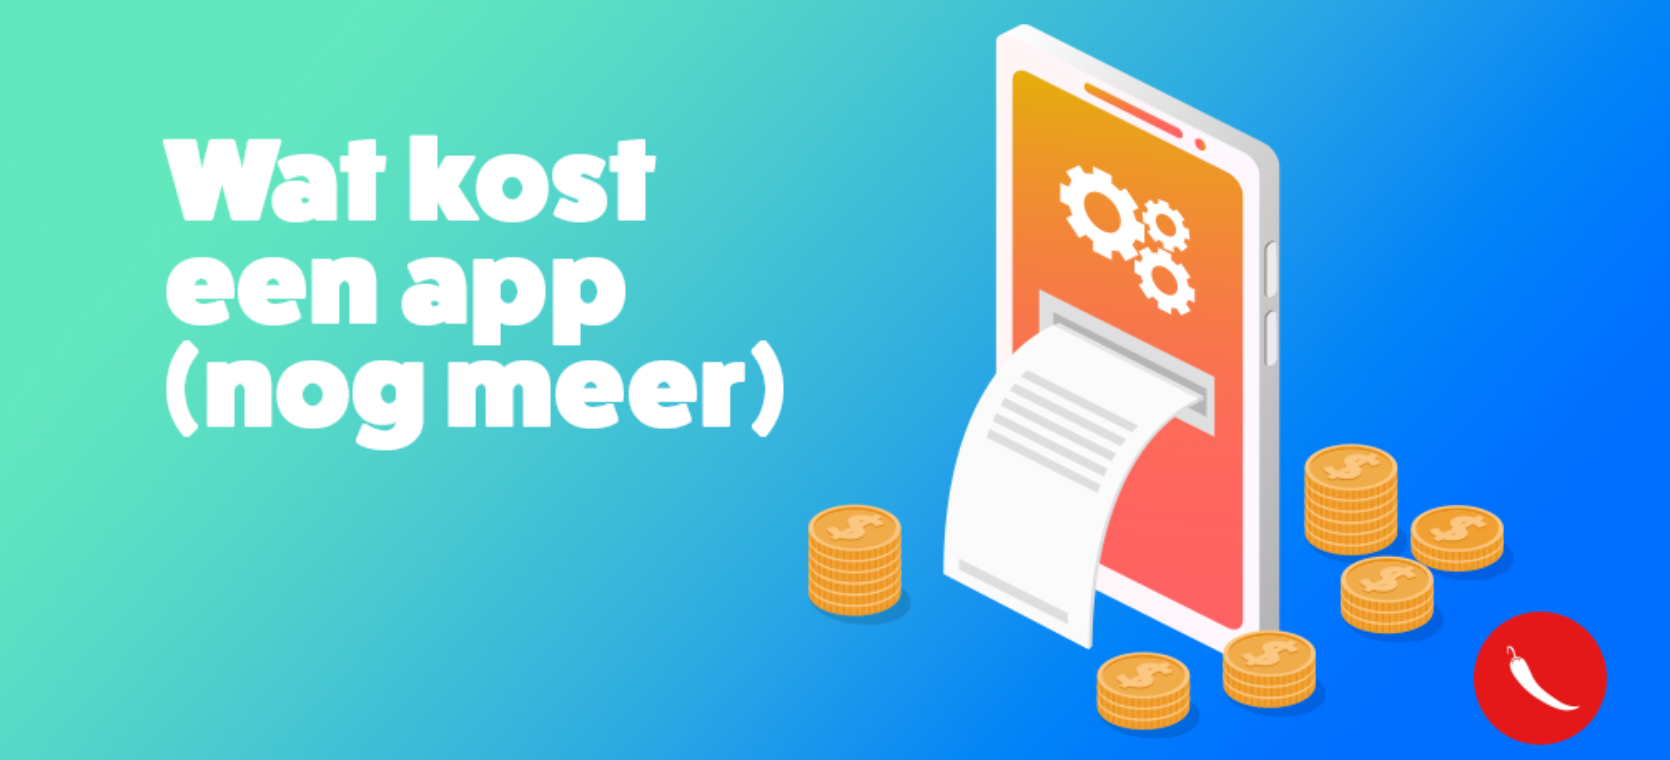 Headers 1004px website ketjapp wat kost een app